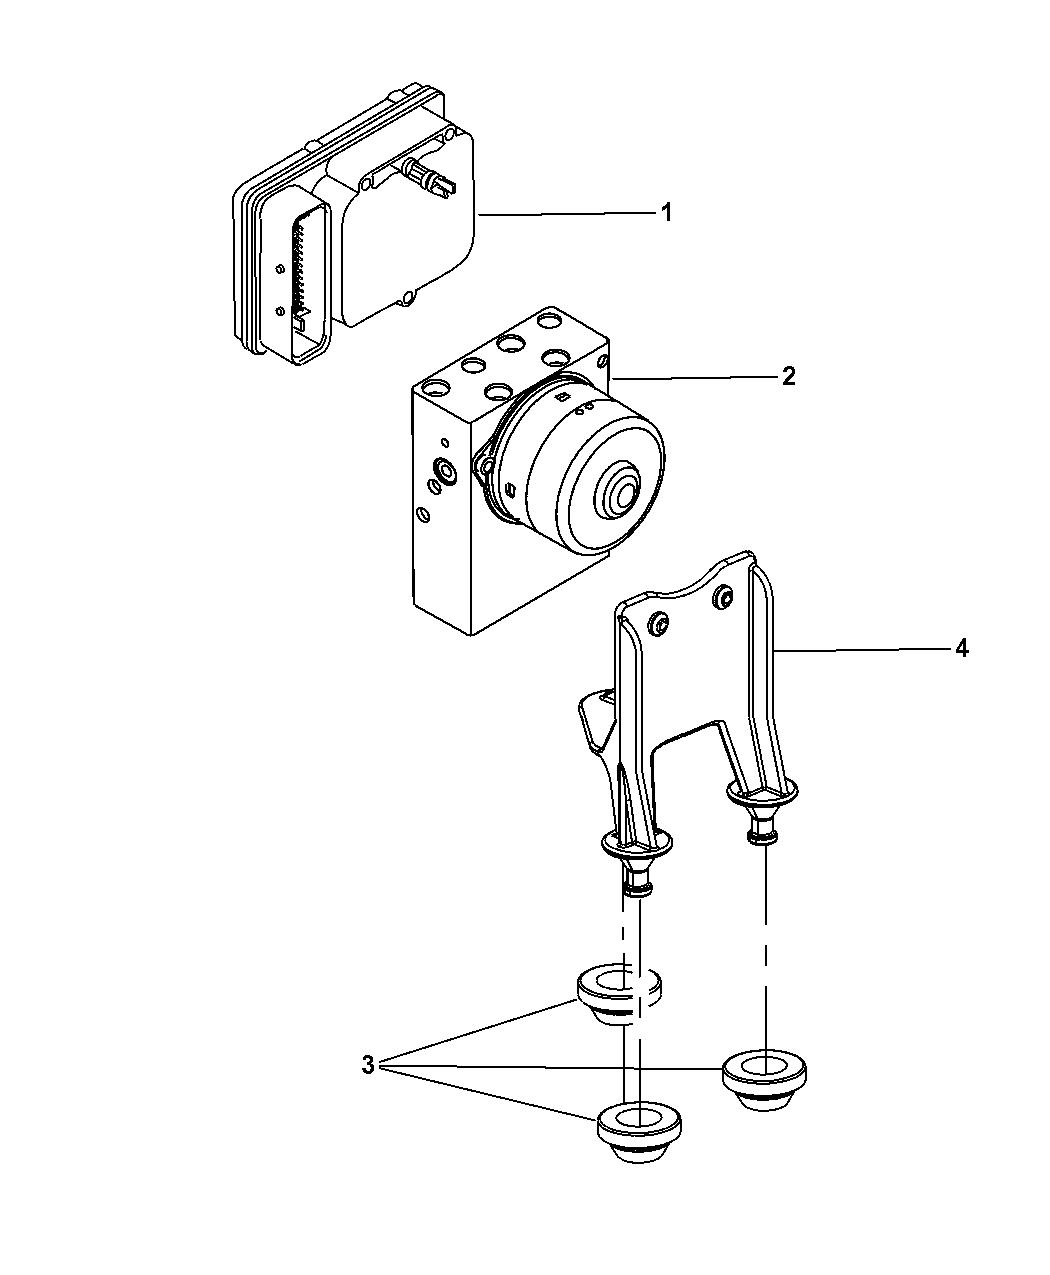 2005 Chrysler 300 Hydraulic Control Unit Anti